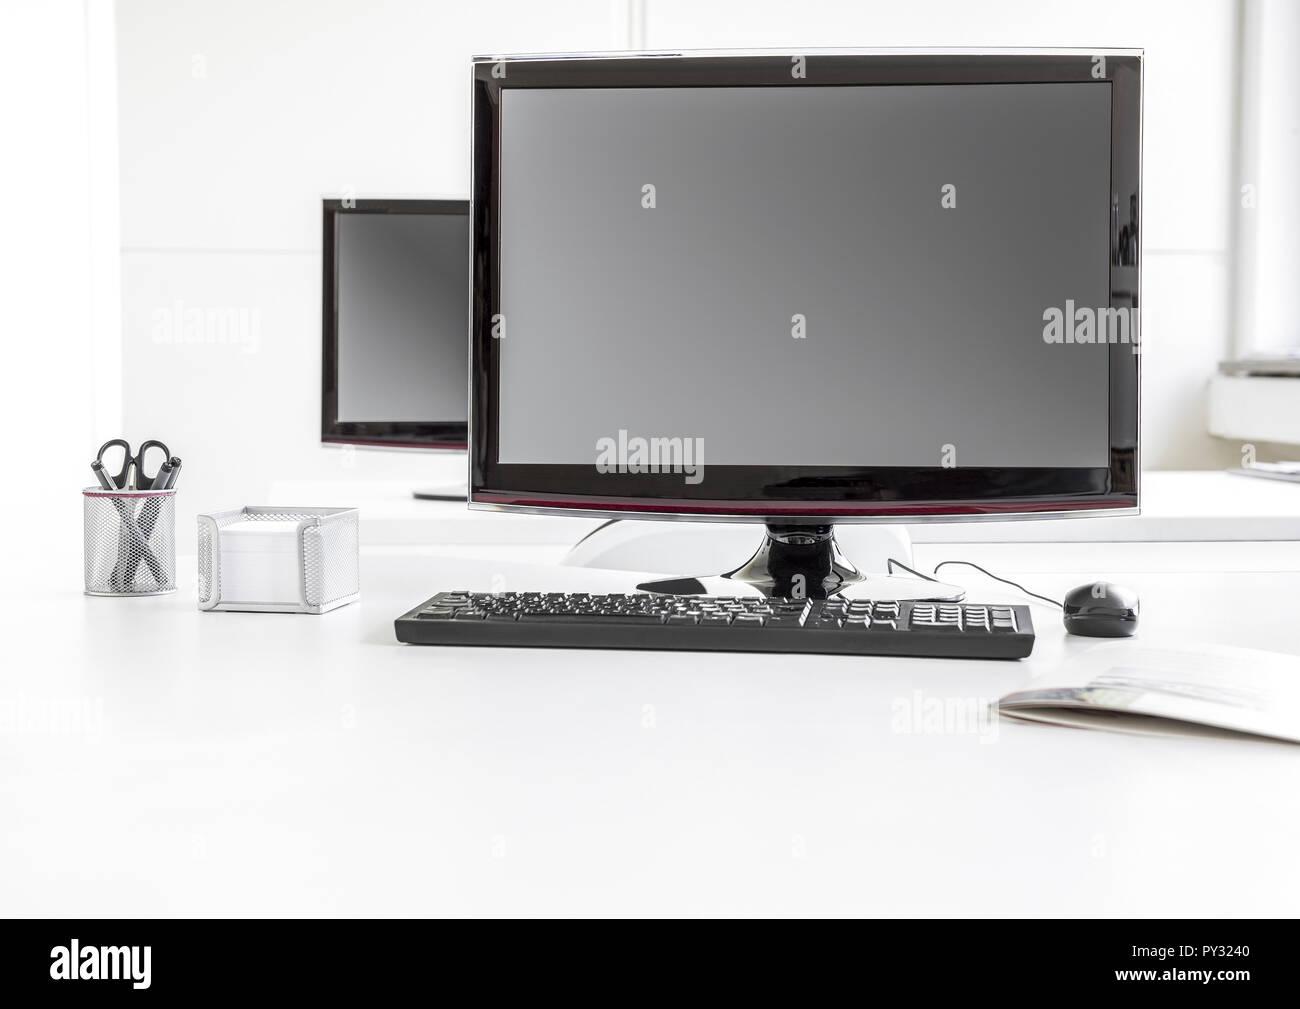 Bildschirm, Tastatur und Maus auf einem Schreibtisch - Stock Image